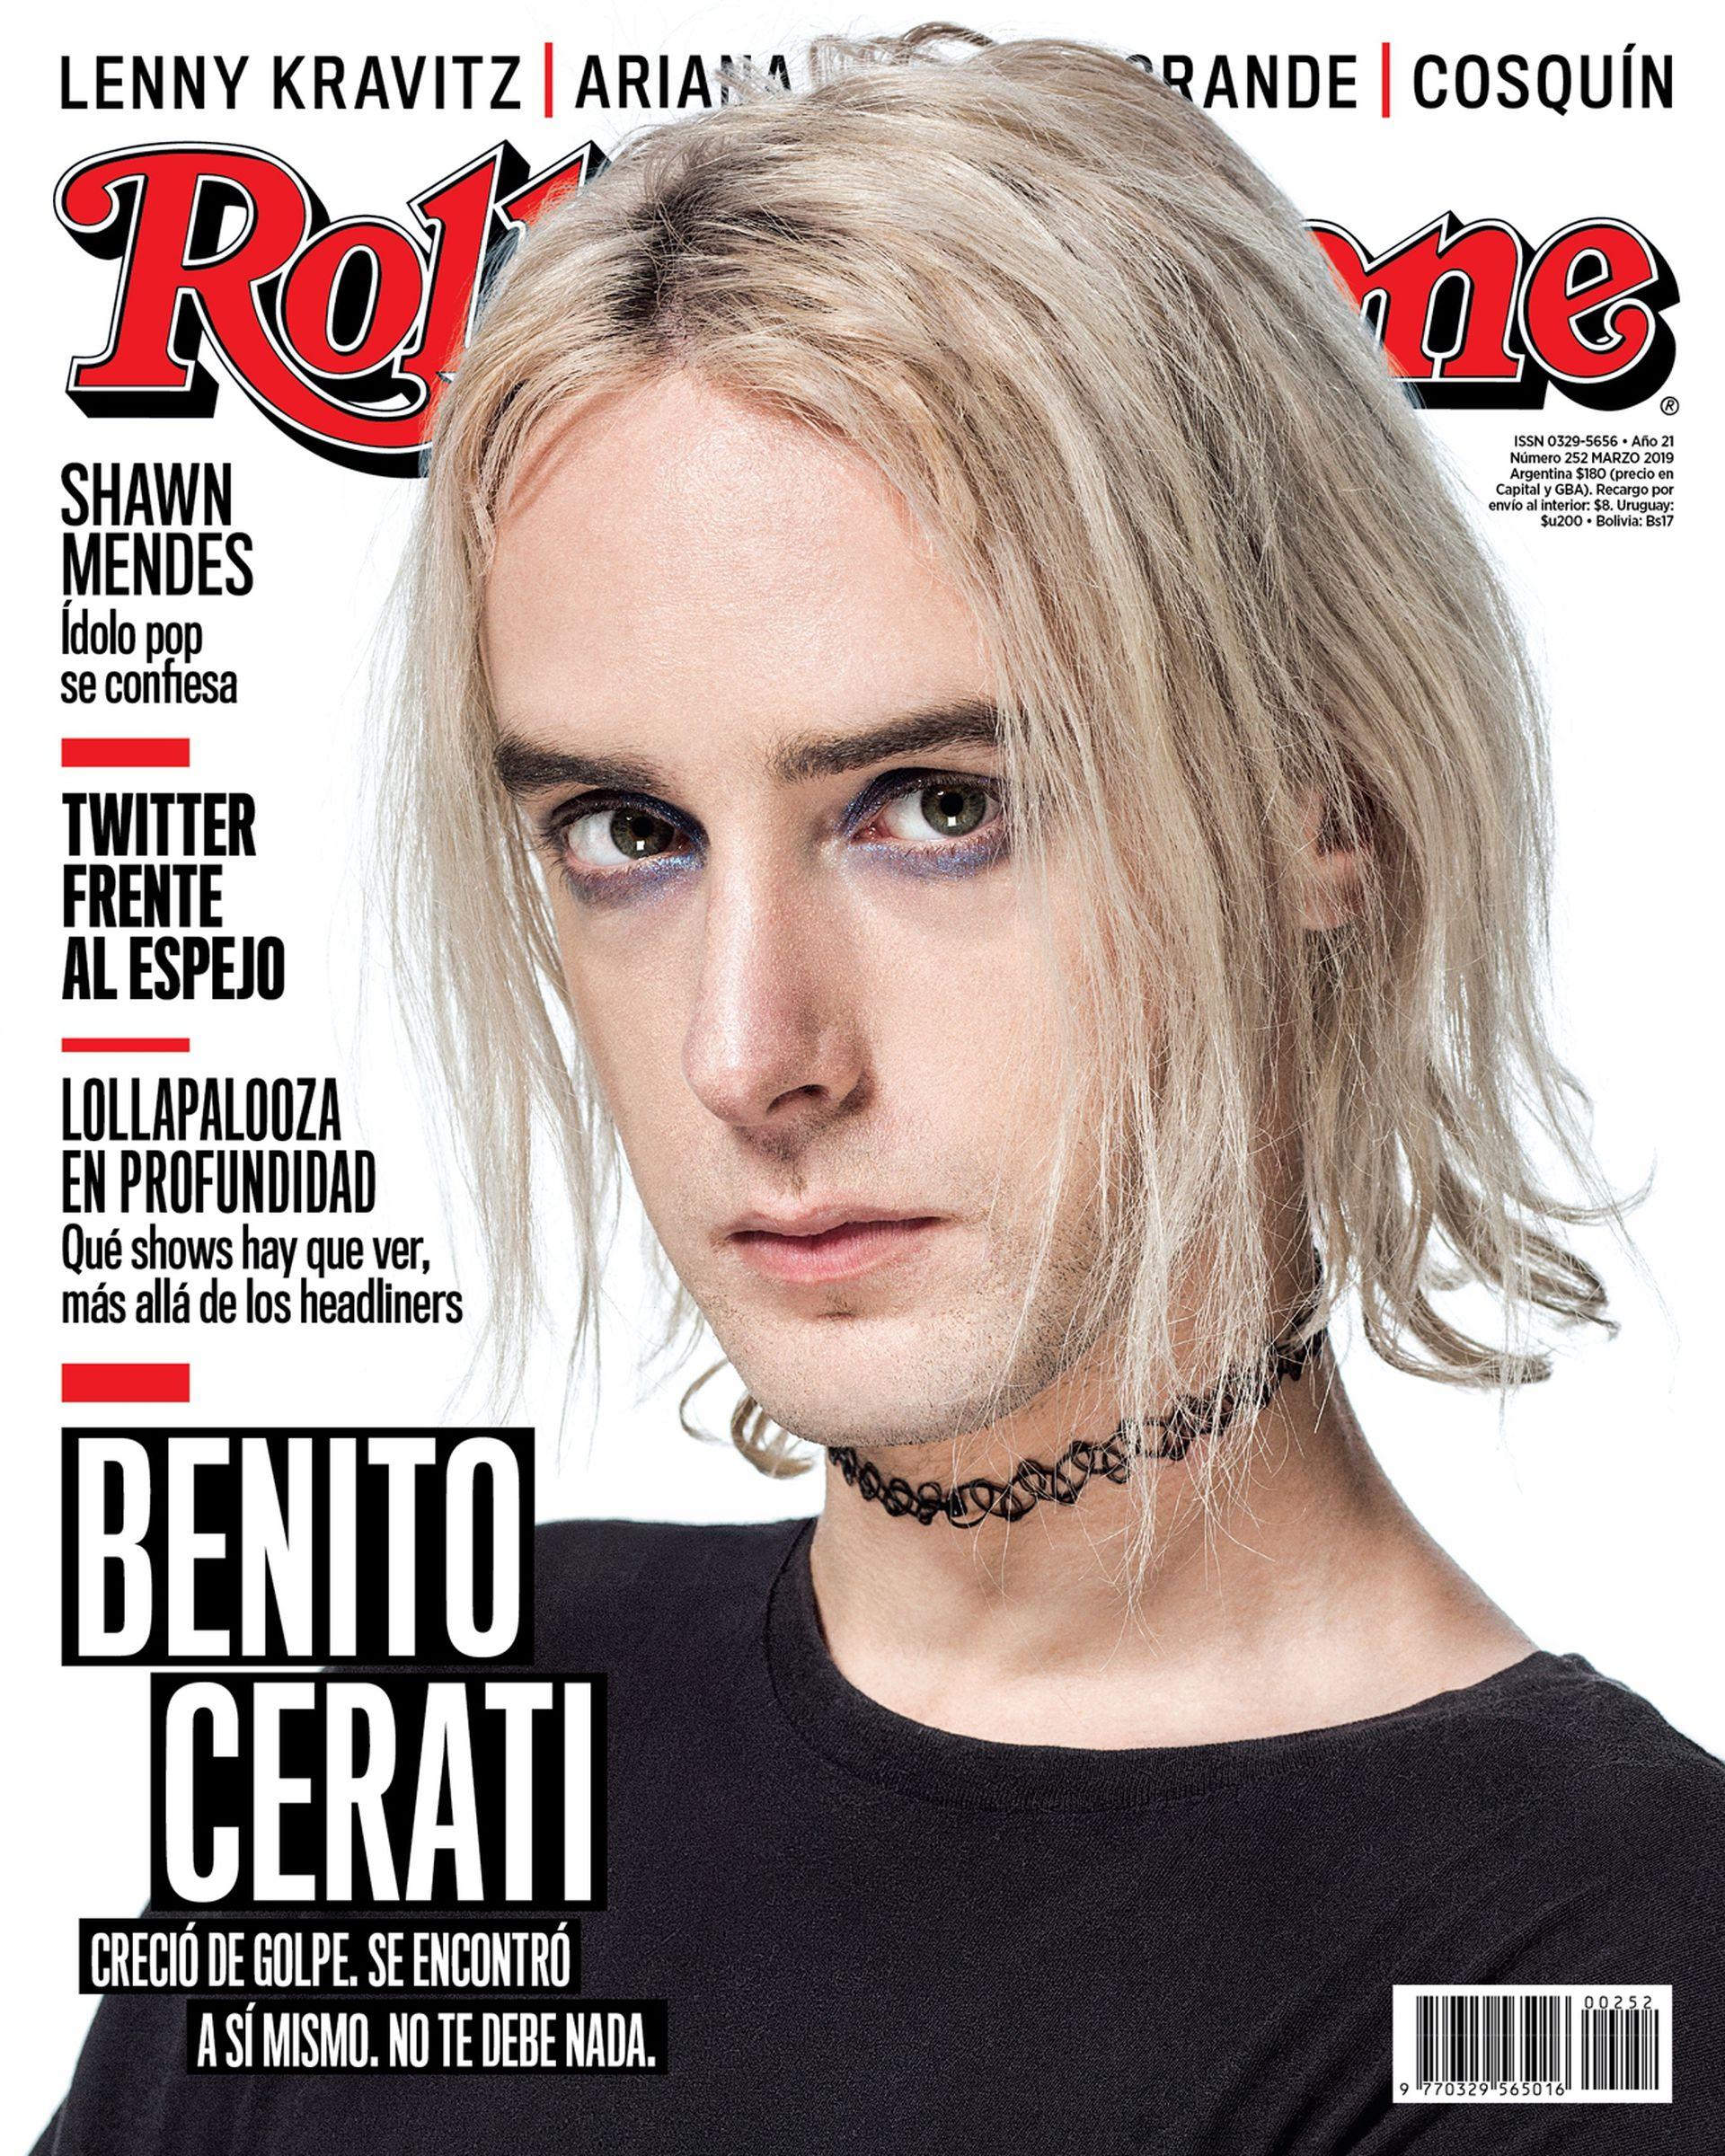 Benito Cerati